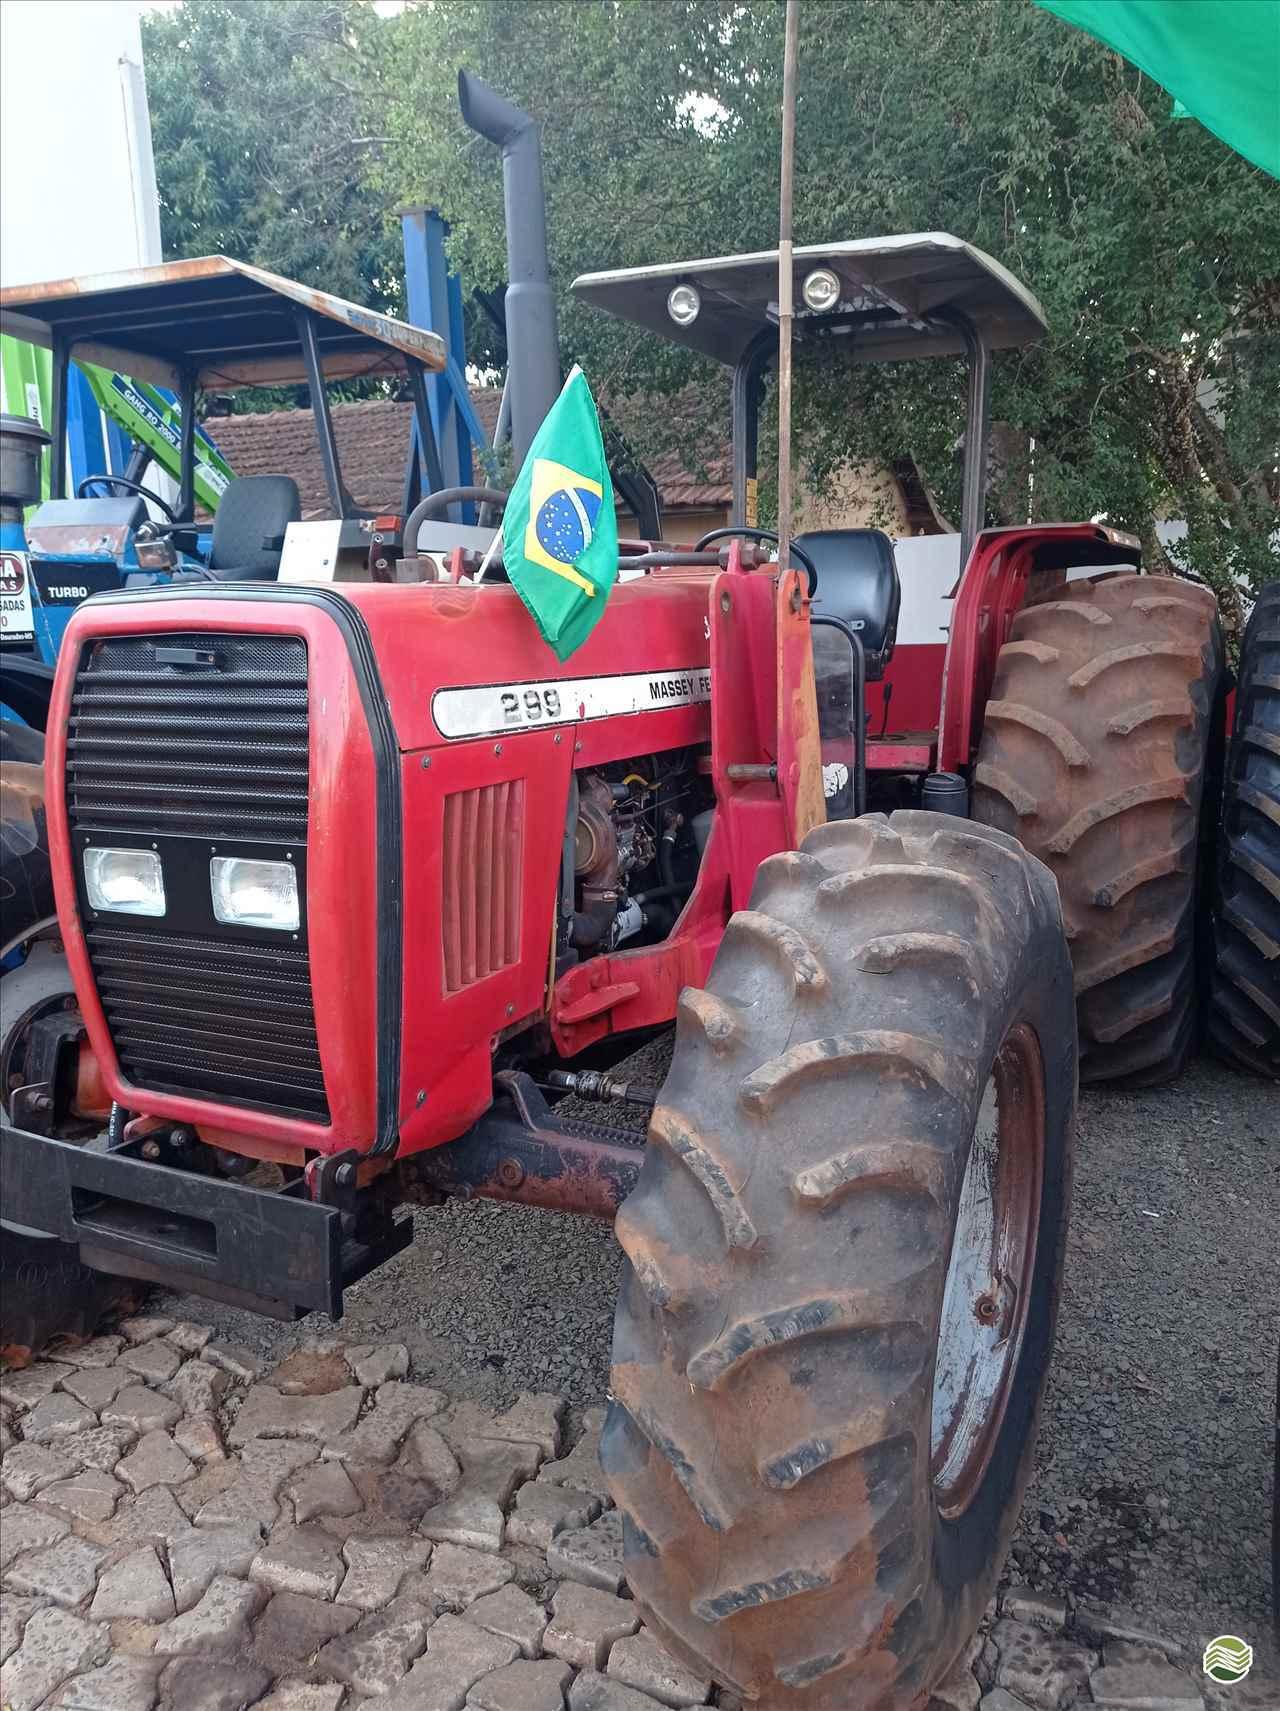 TRATOR MASSEY FERGUSON MF 299 Mezenga Máquinas DOURADOS MATO GROSSO DO SUL MS